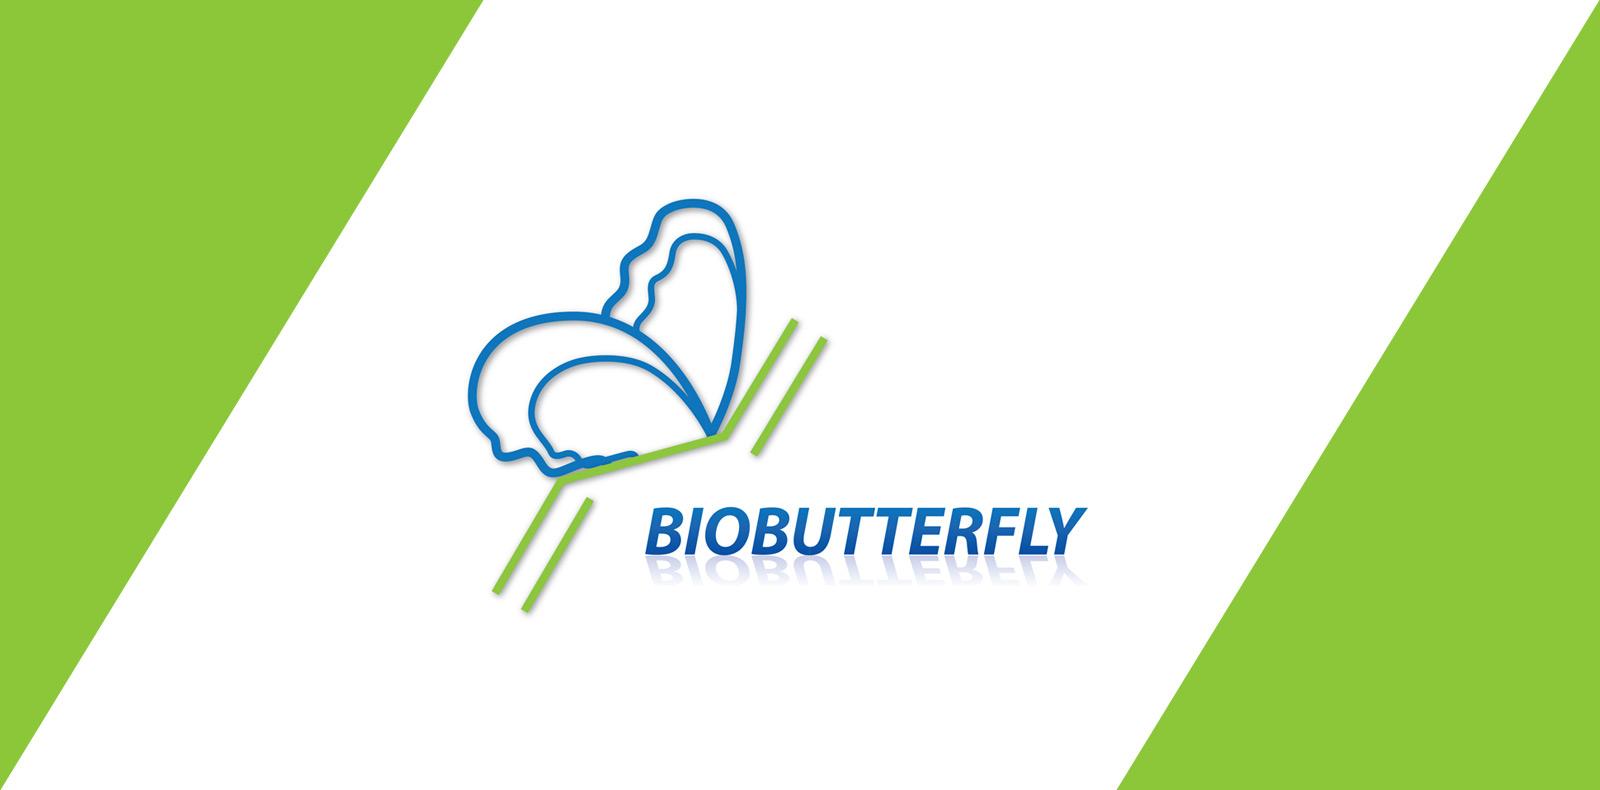 actu_biobutterfly-logo_1600x790